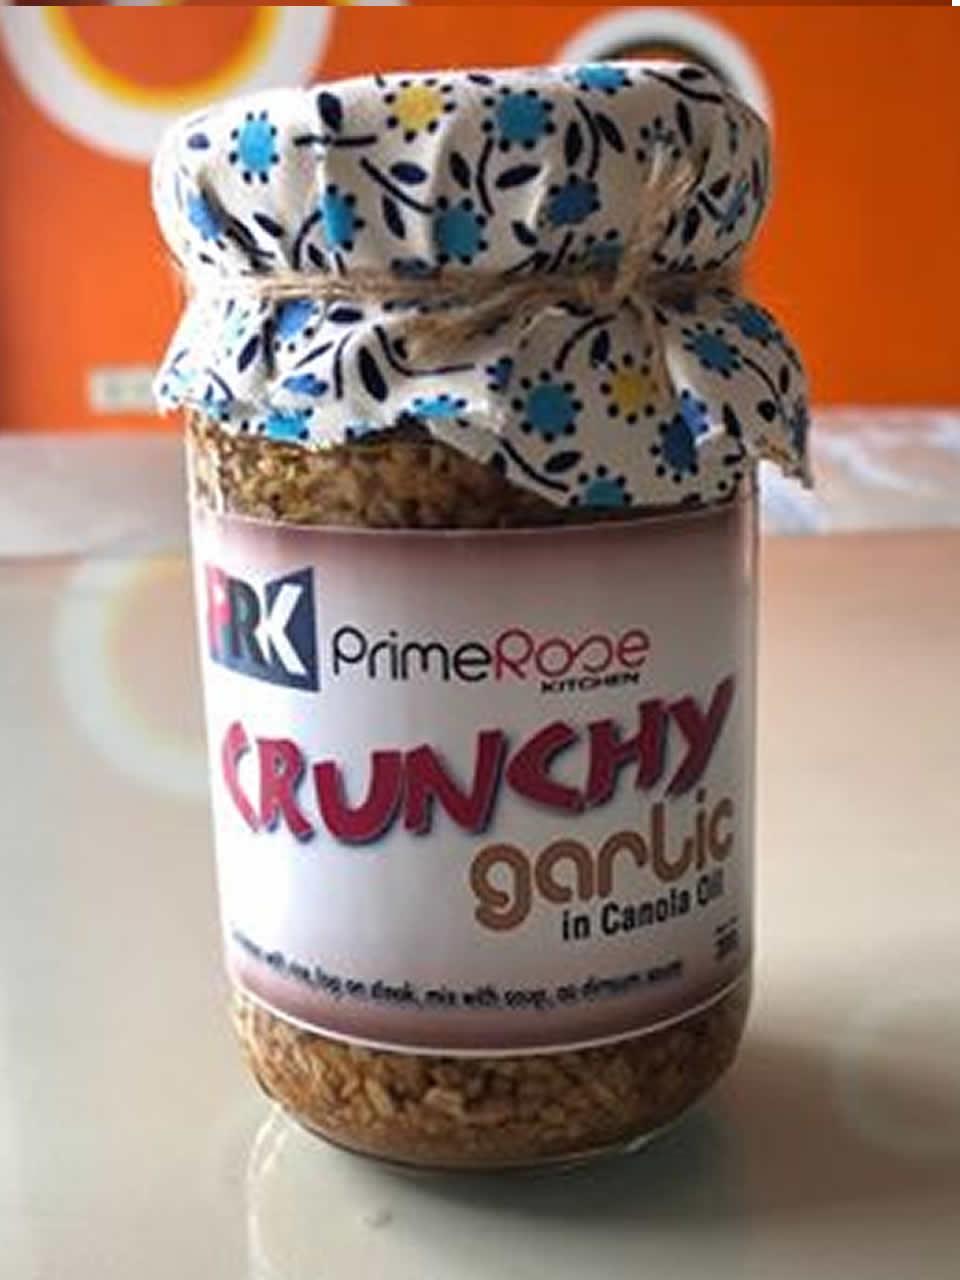 Crunchy Garlic Dressing